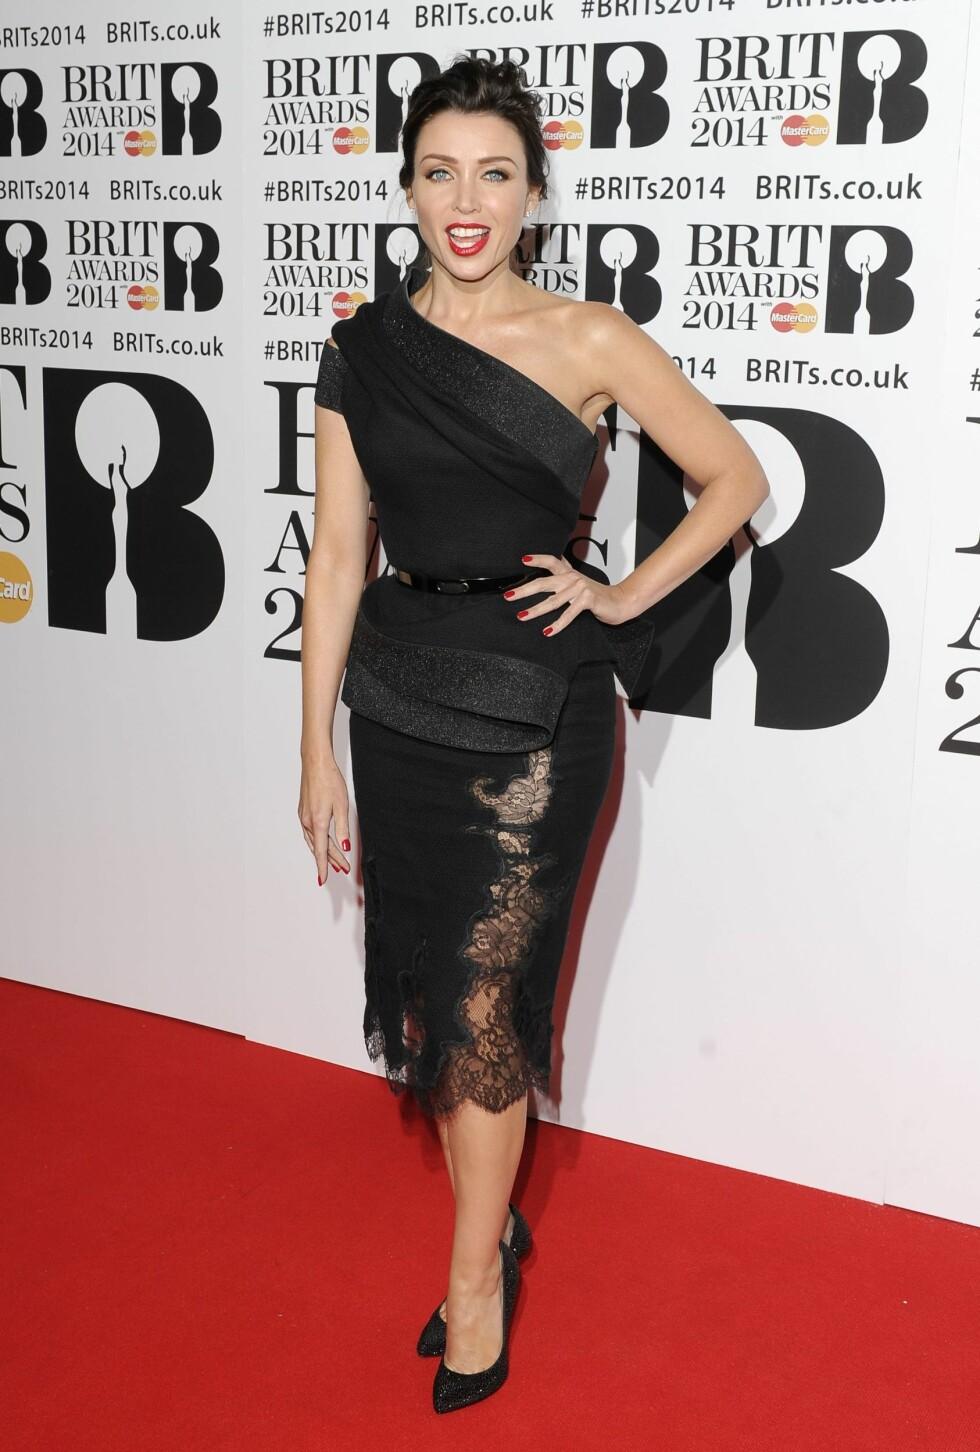 Artisten Dannii Minogue (42). Foto: REX/Richard Young /All Over Press